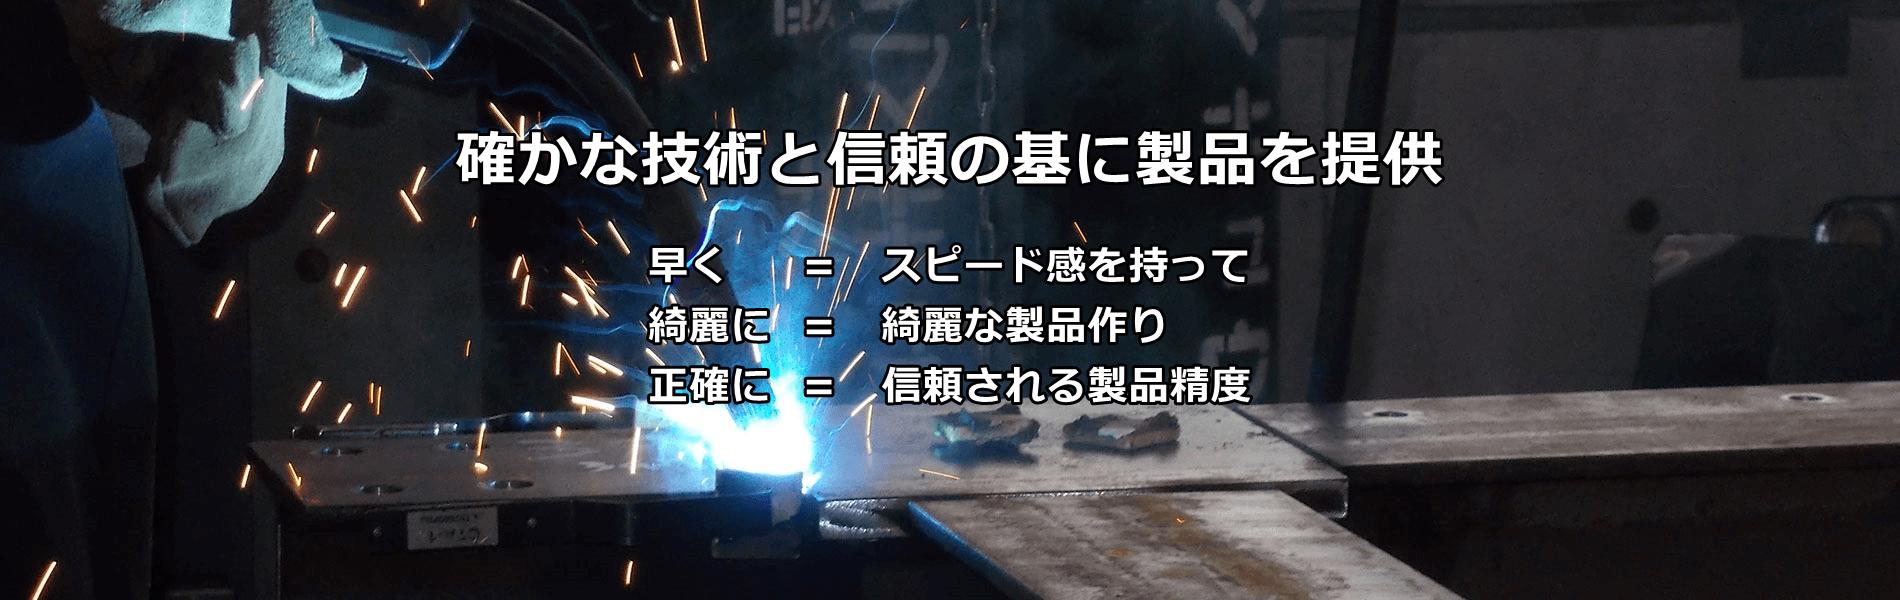 上野工業のものづくり